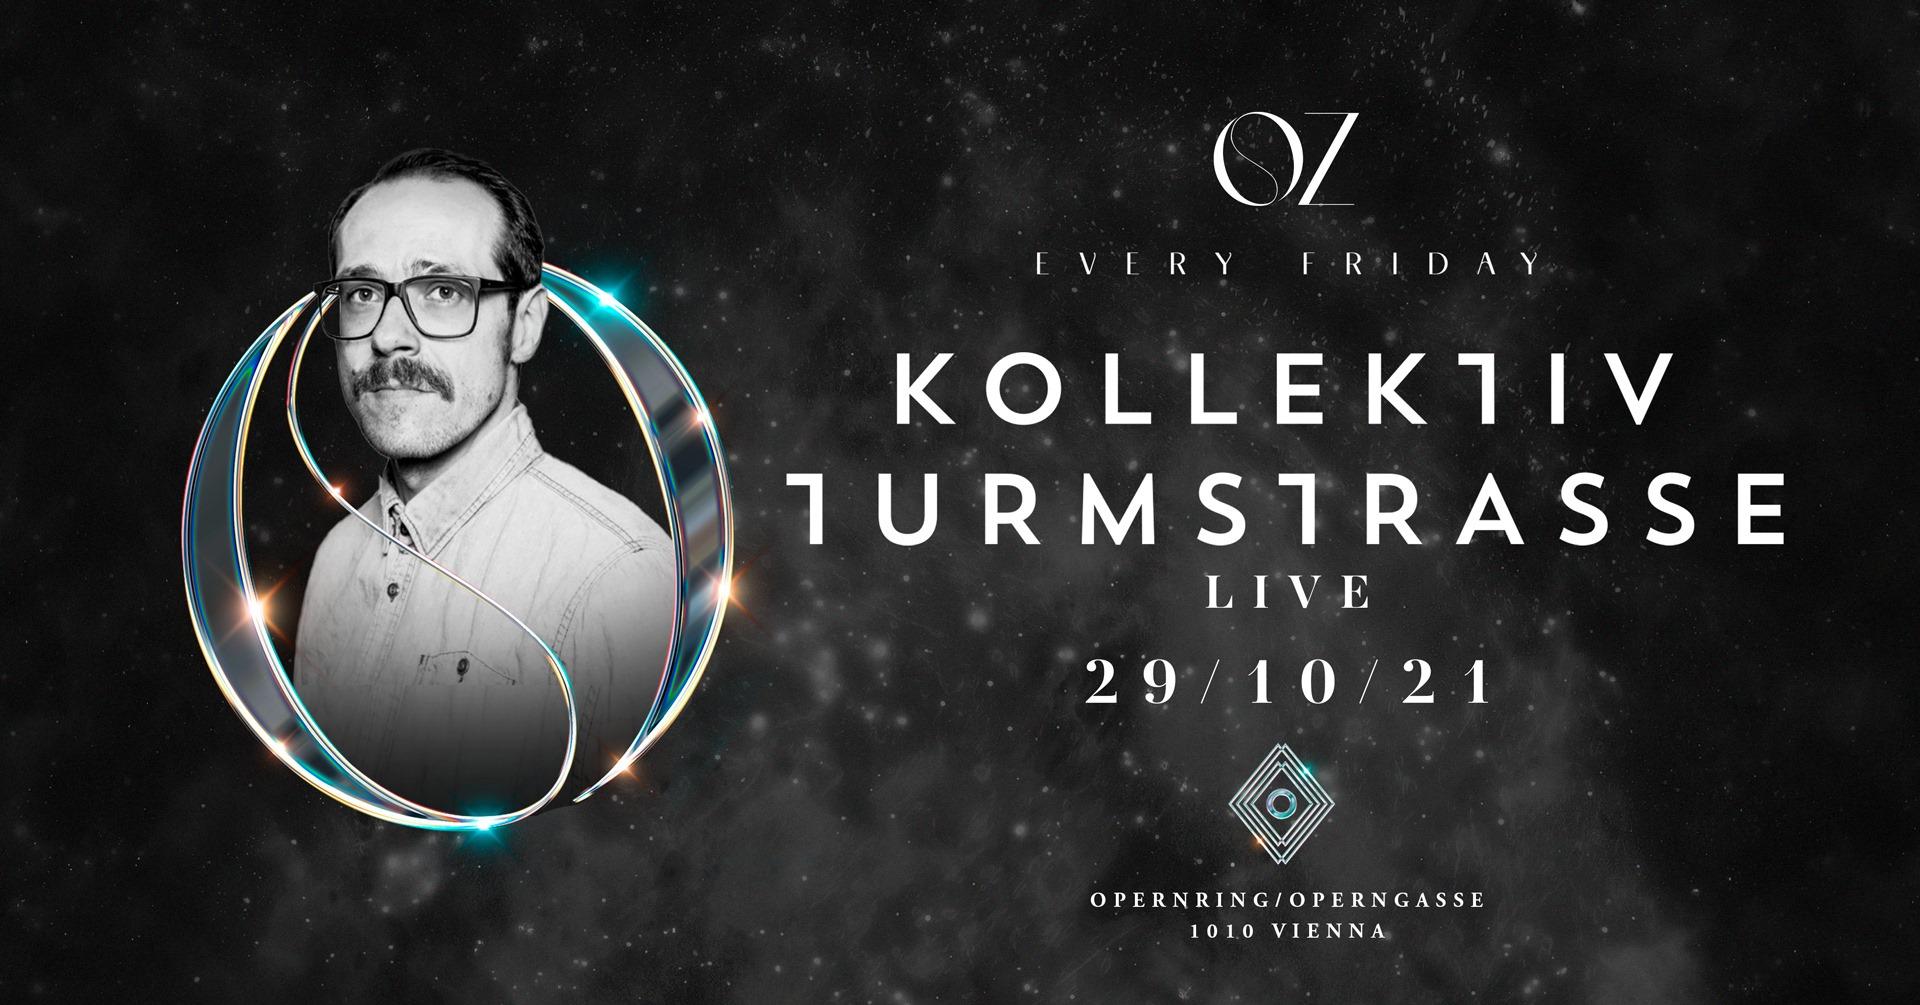 Events Wien: OZ w/ Kollektiv Turmstrasse